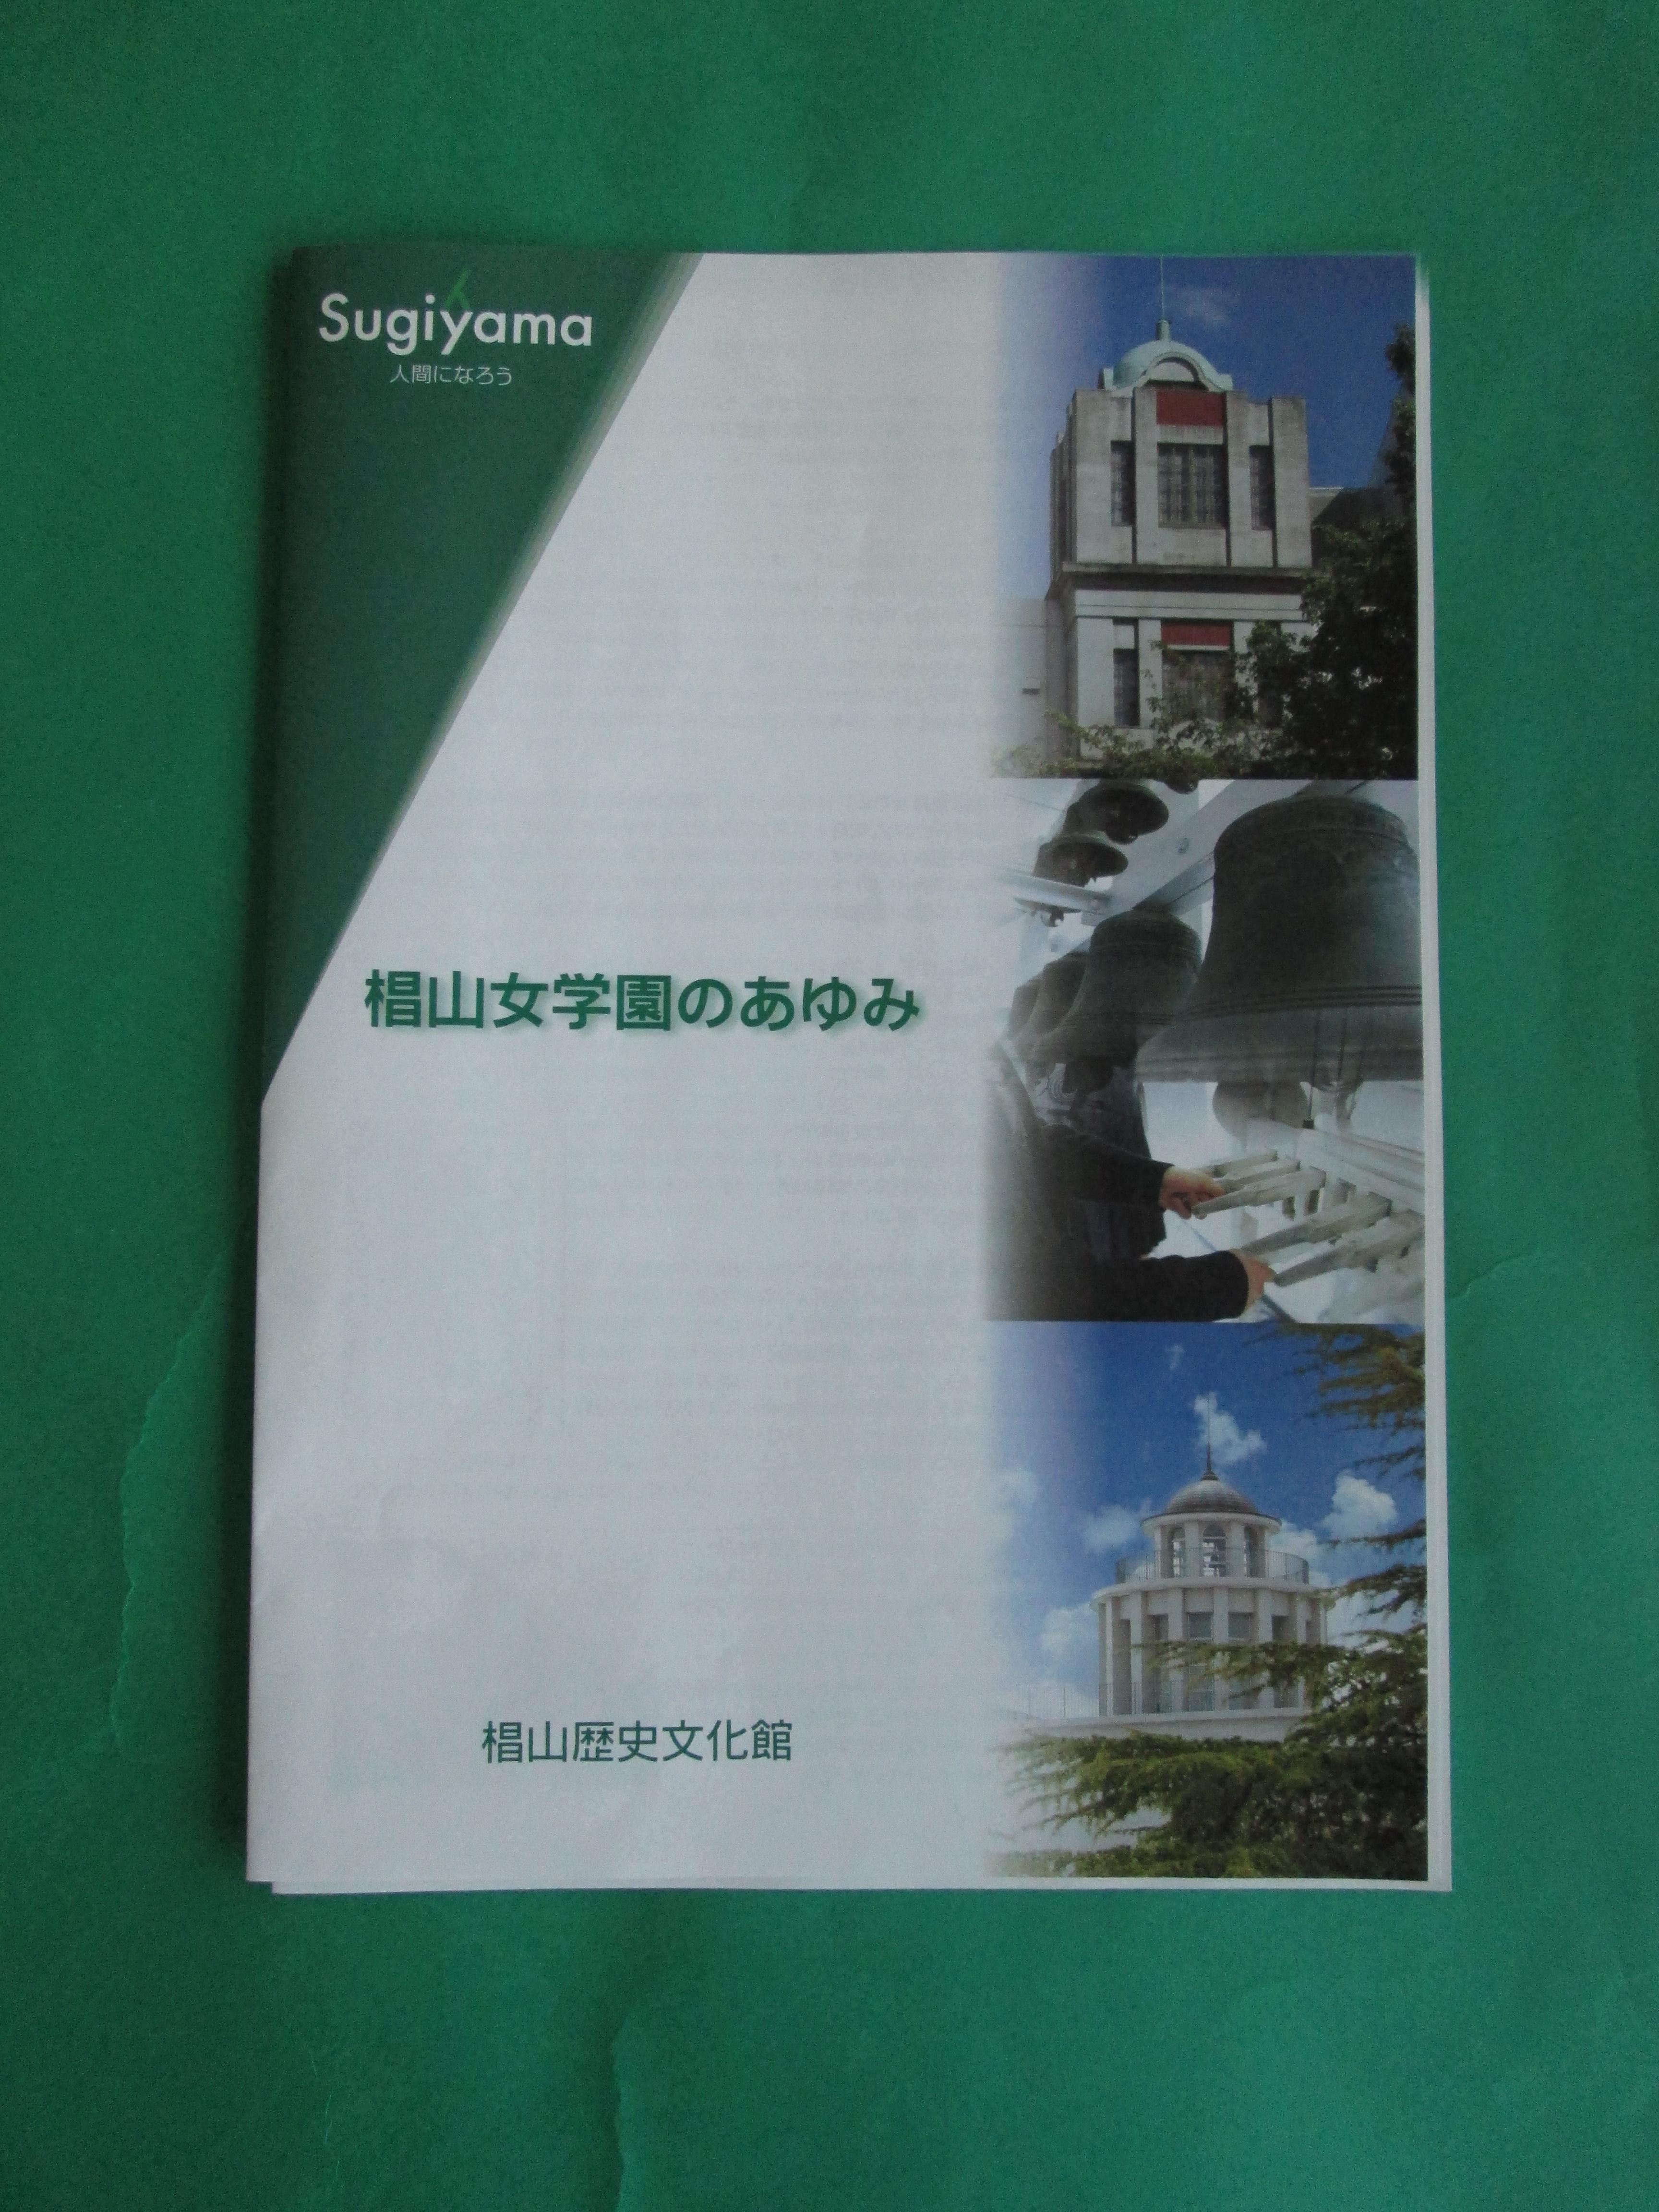 http://blog.sugiyama-u.ac.jp/mshc_nl/%E5%AD%A6%E5%9C%92%E3%81%AE%E3%81%82%E3%82%86%E3%81%BF%E3%80%80%E5%86%99%E7%9C%9F.JPG